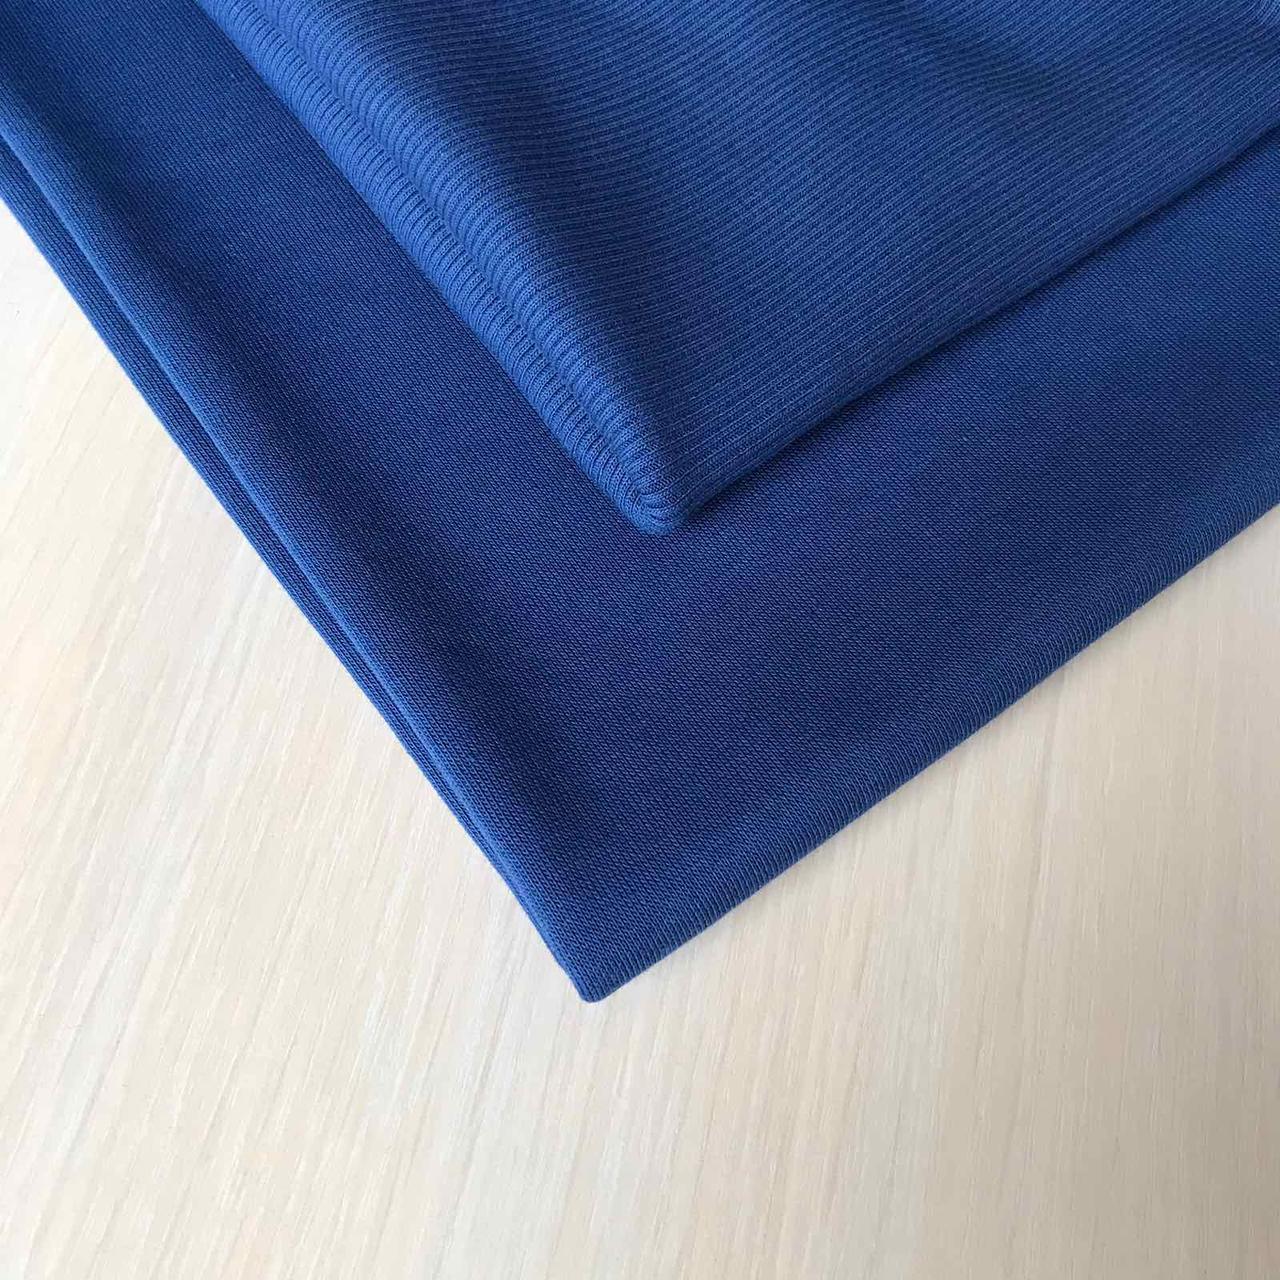 Трехнитка с начесом Темный джинс, плотность 320 г/м2